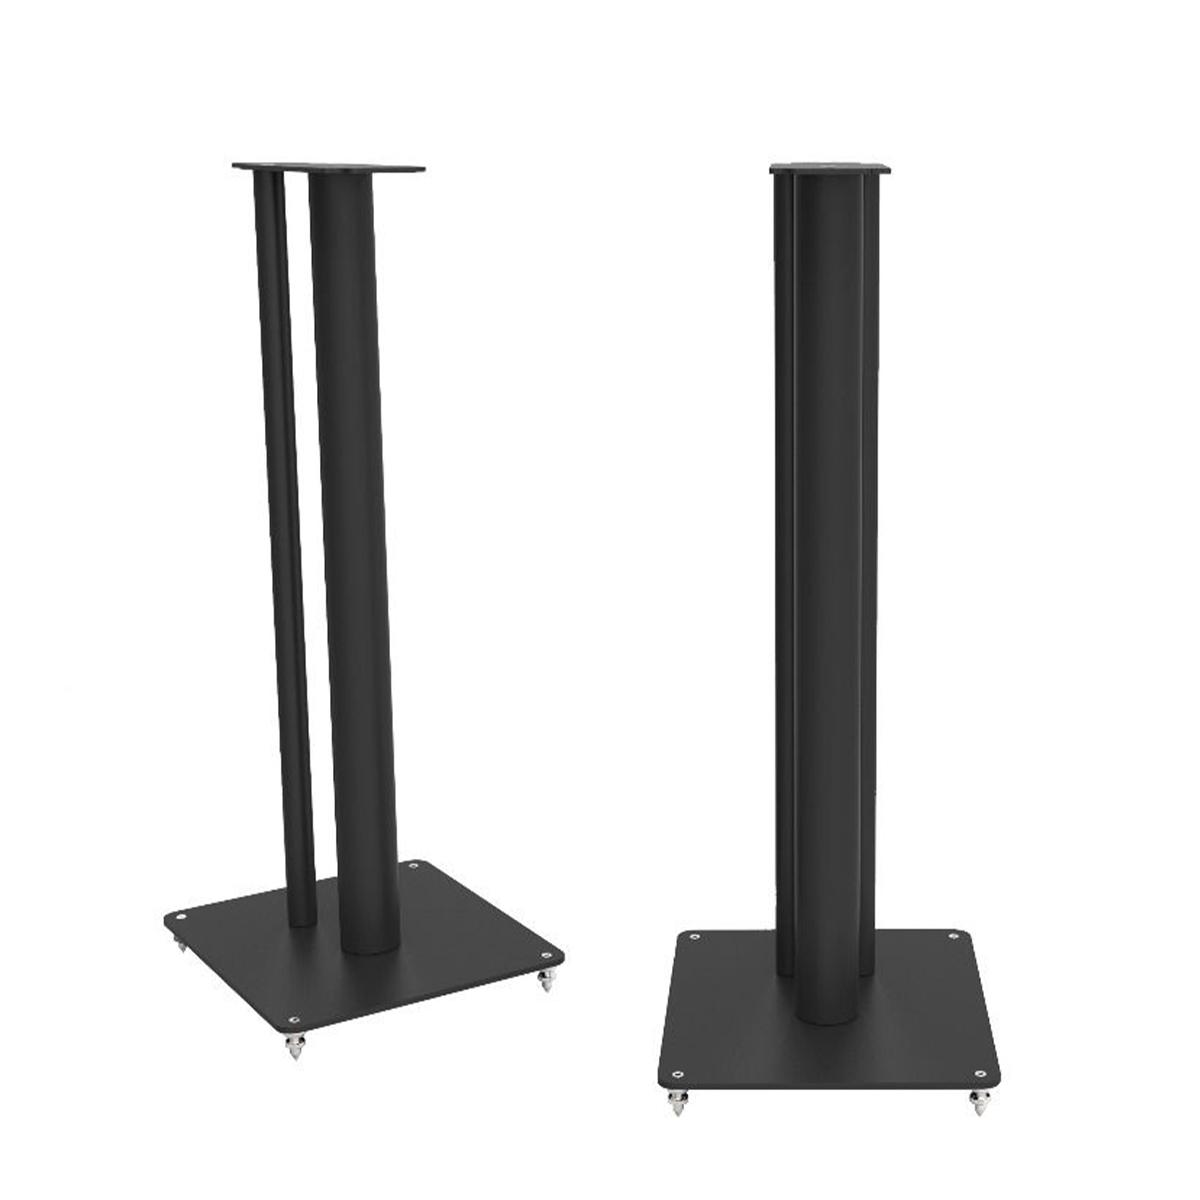 Q Acoustics Q 3000fsi Black Life Style Store